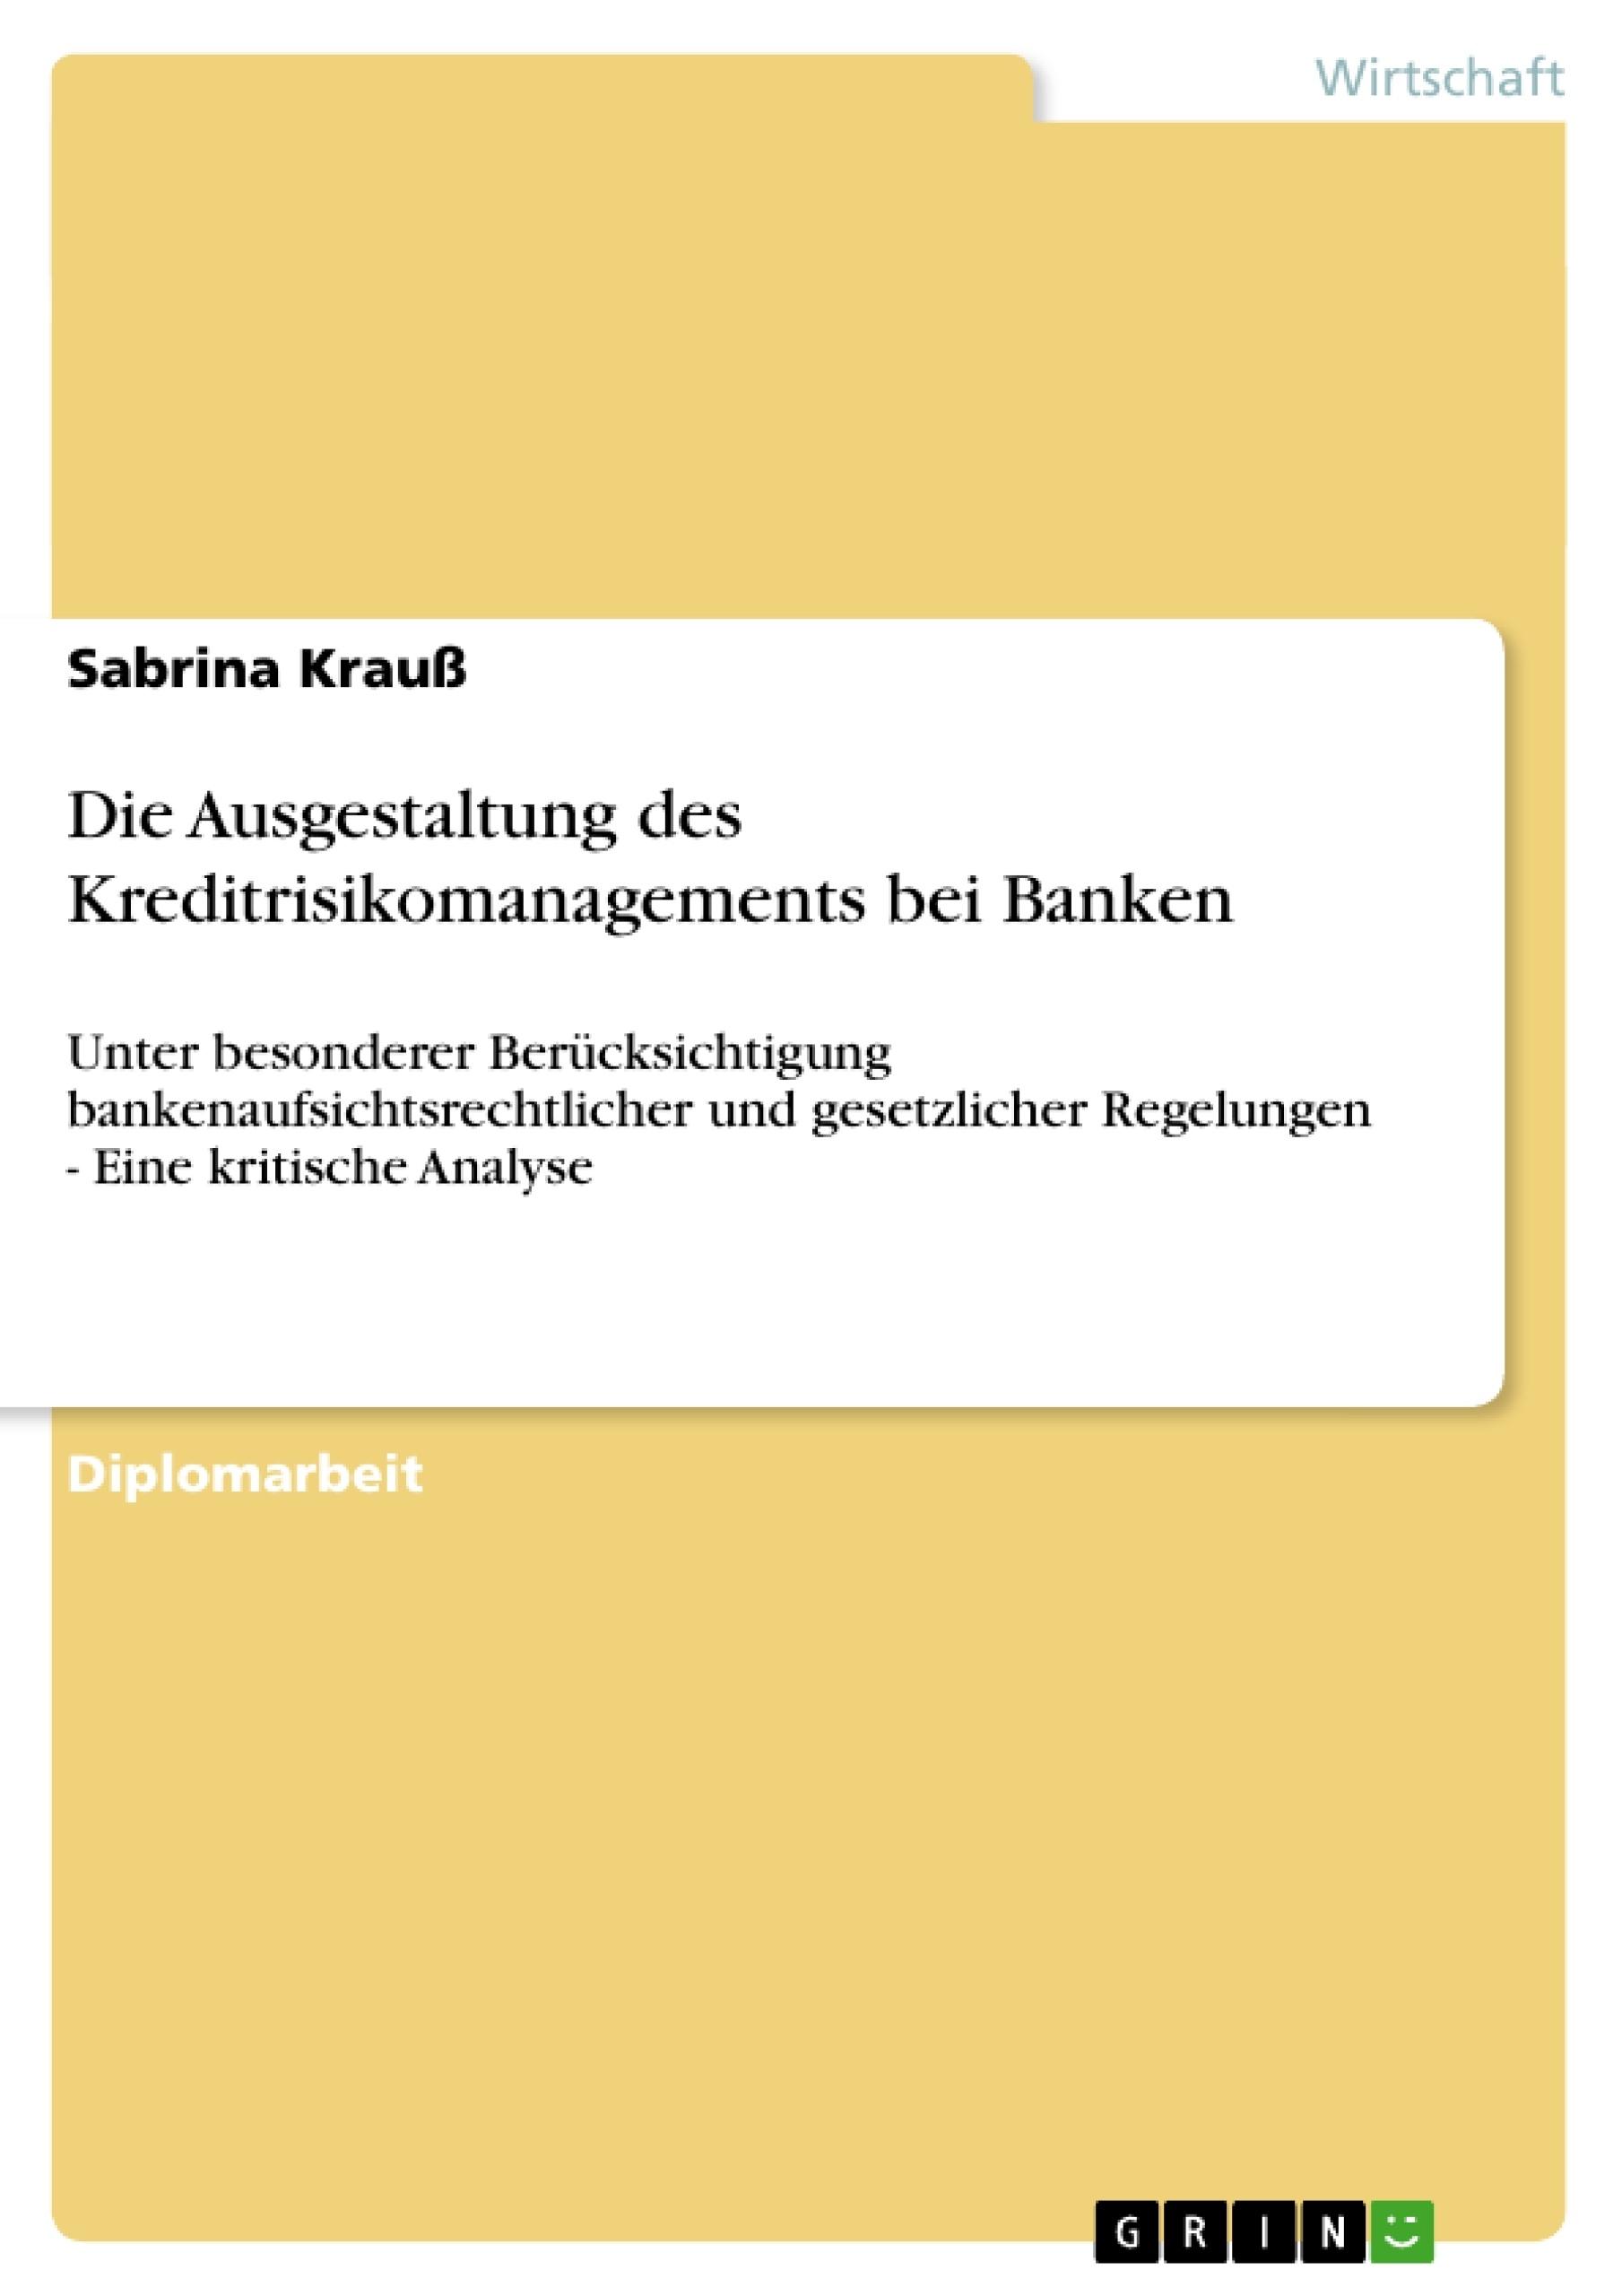 Titel: Die Ausgestaltung des Kreditrisikomanagements bei Banken